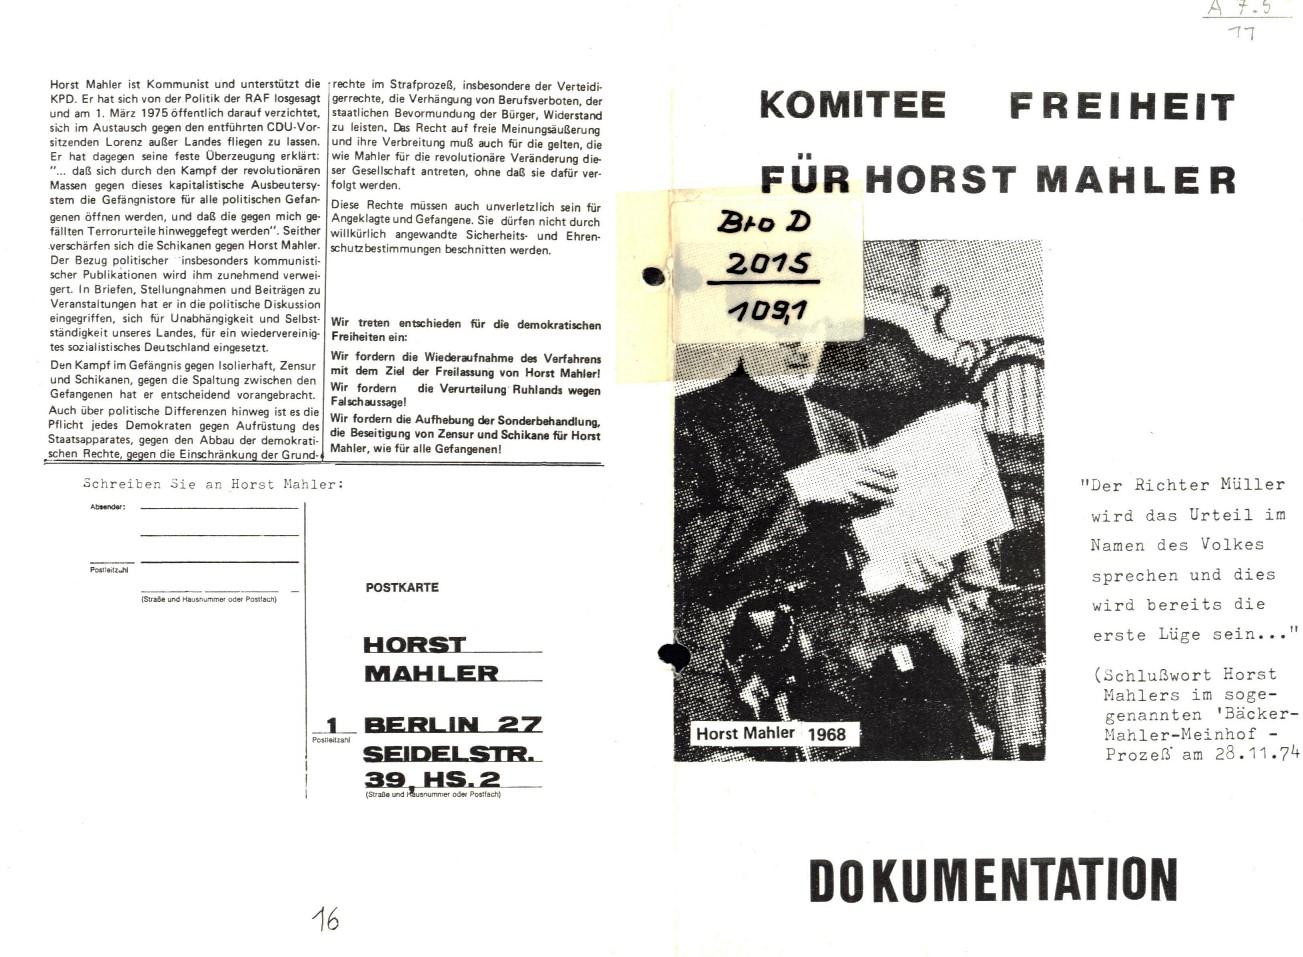 Berlin_Komitee_Mahler_Dokumentation_1_01